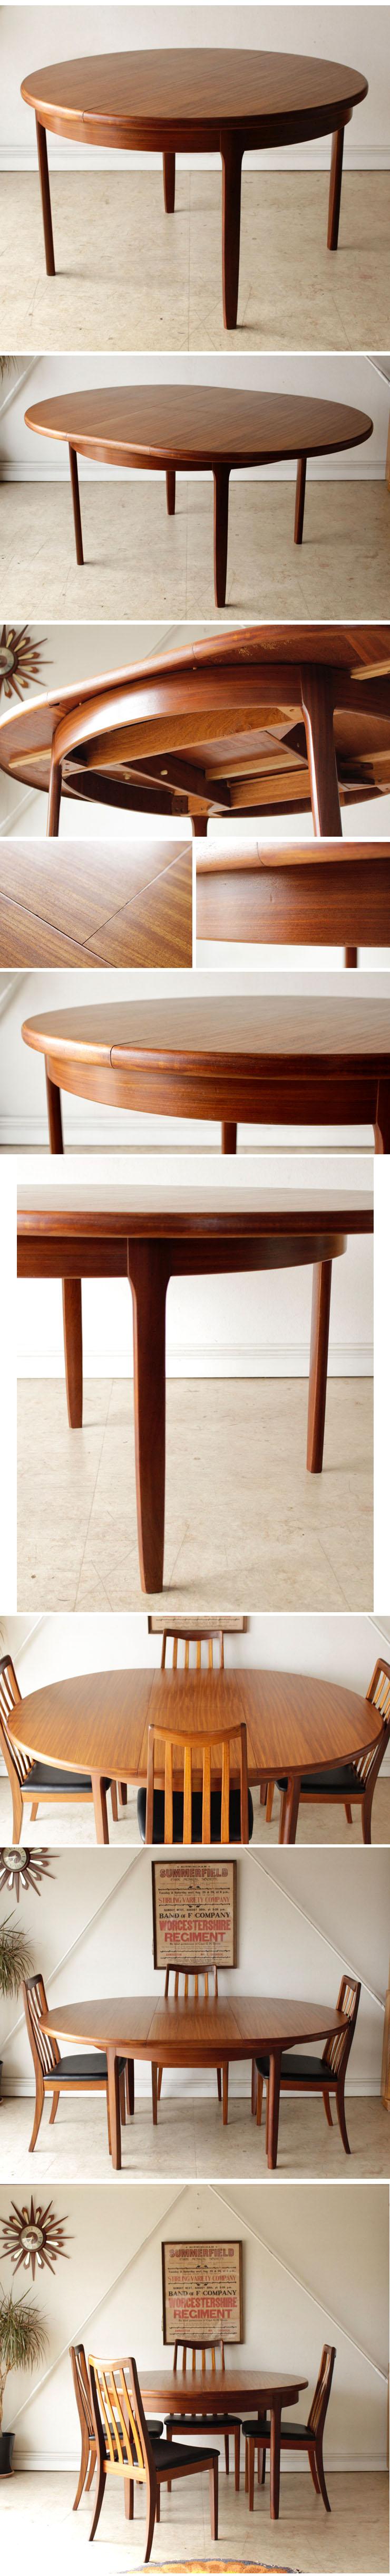 ダイニングテーブル・elliotts of newbury・チーク・エクステンション・イギリス・ビンテージ・アンティーク・北欧・ミッドセンチュリー